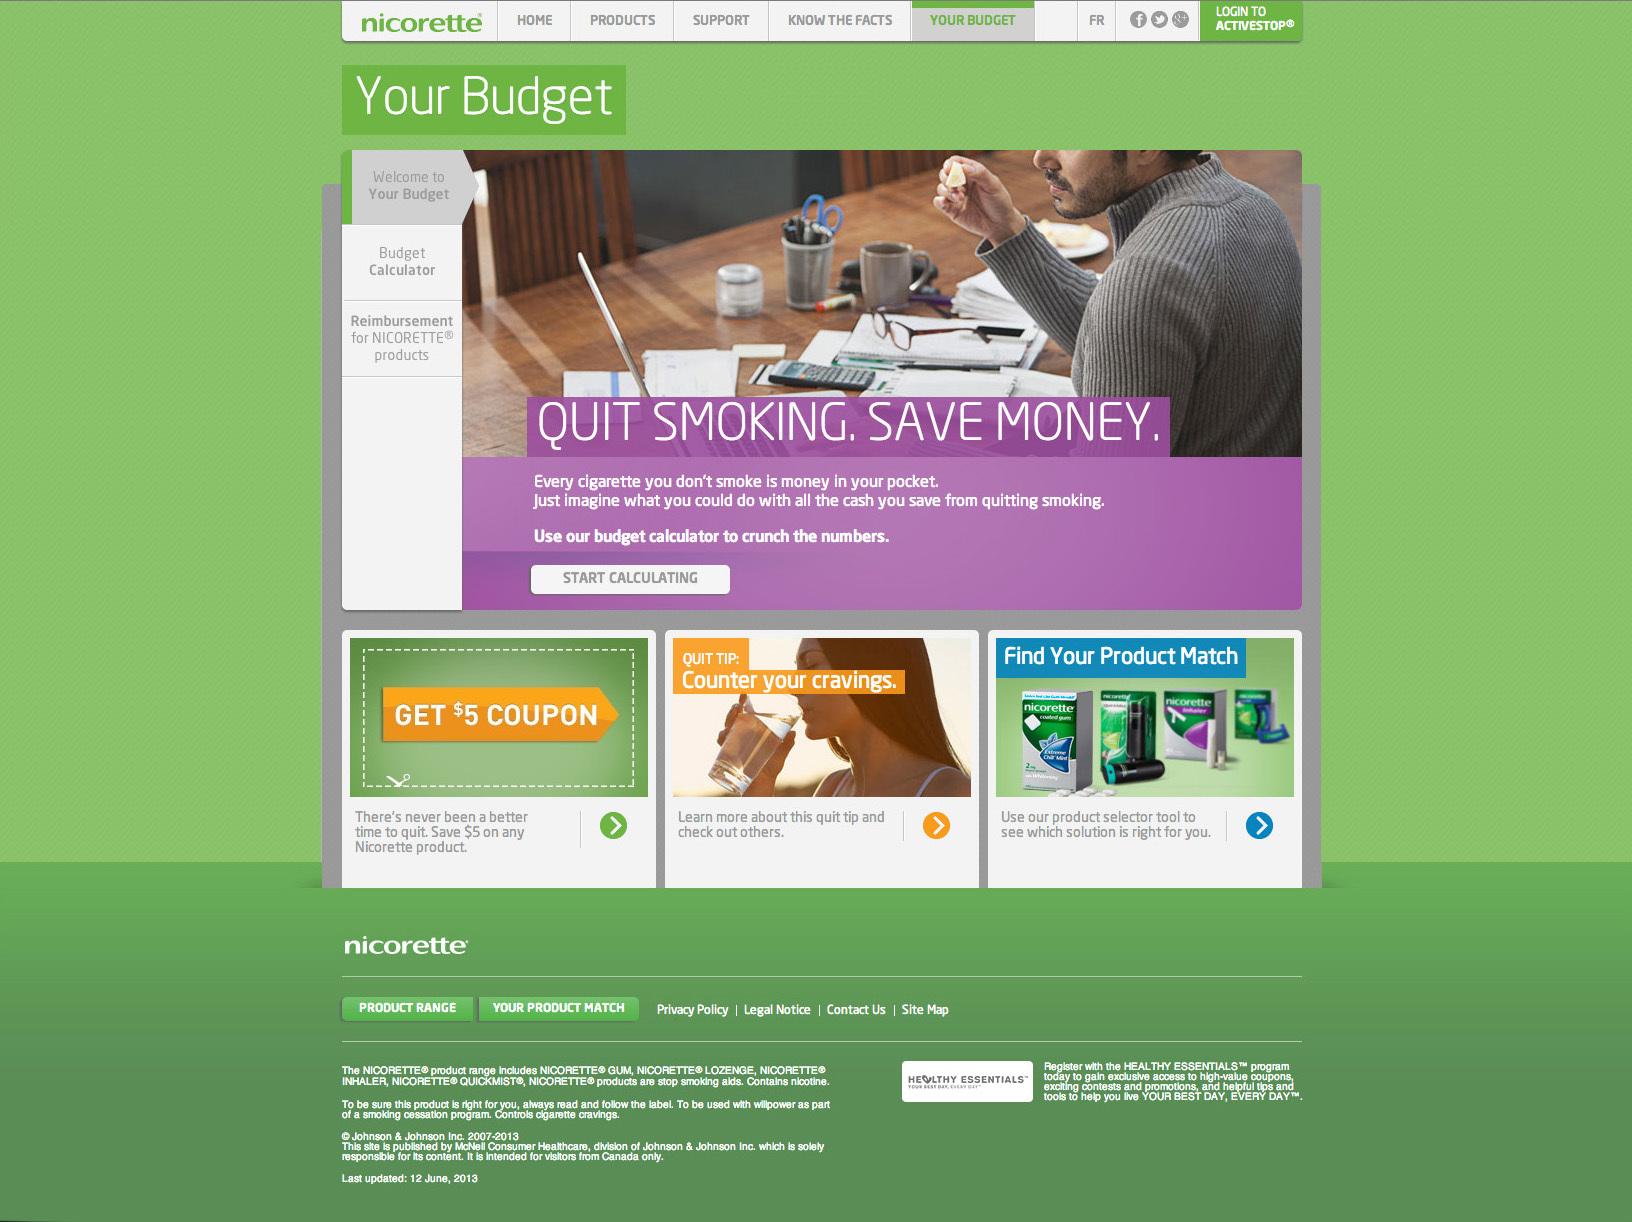 Nicorette_Budget1_o